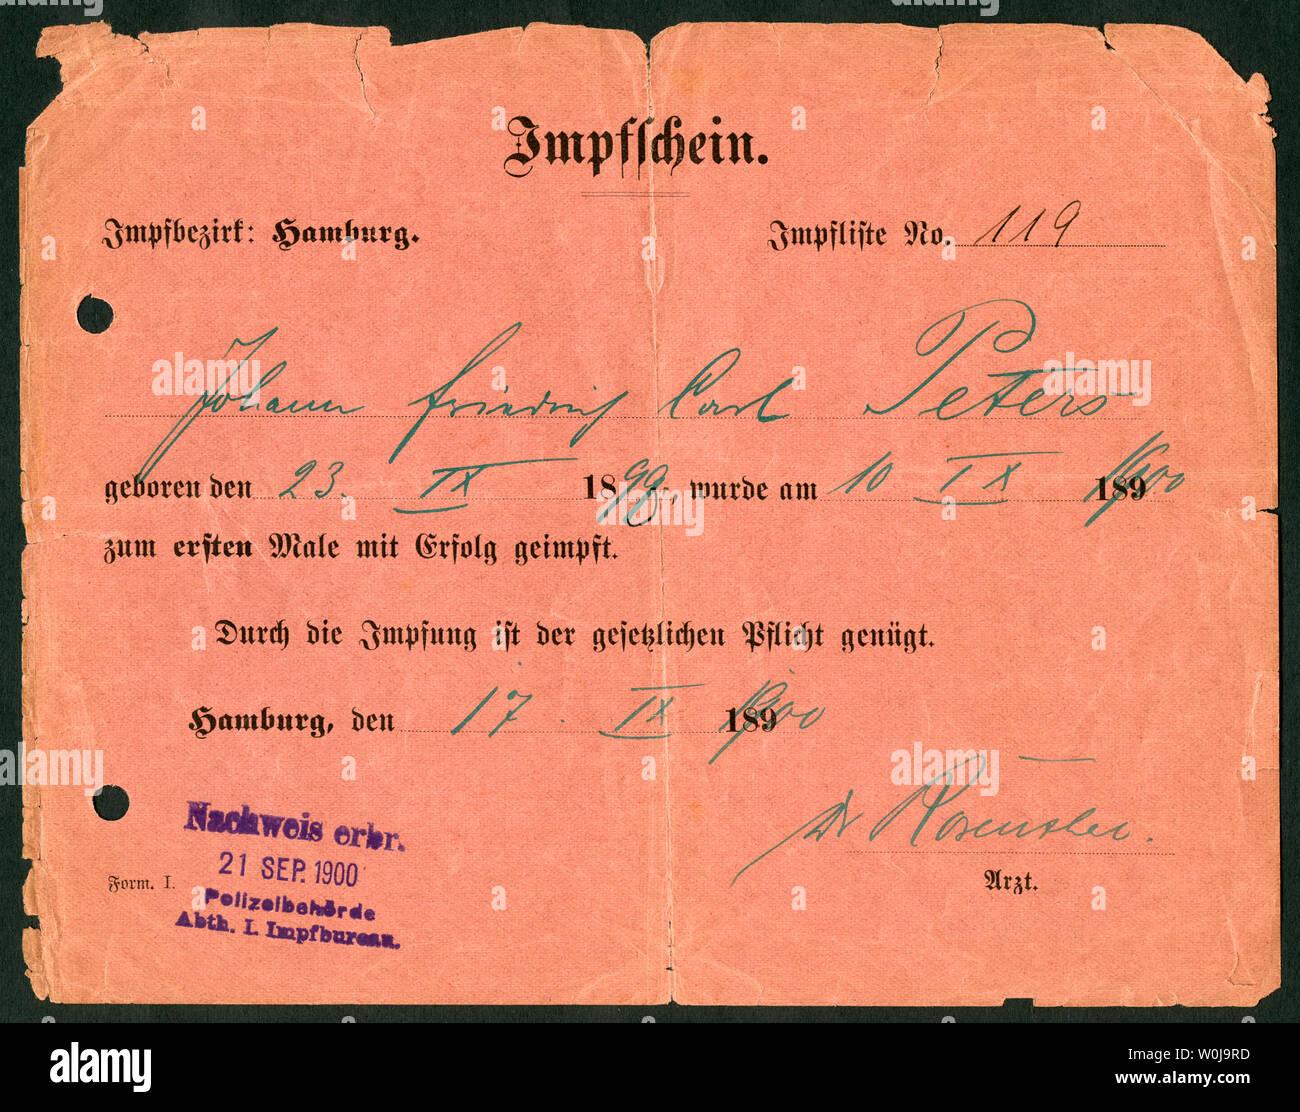 Europa, Deutschland, Hamburg,  roter Impfschein , Vorderseite, ausgestellt am 17. 09. 1900 /  Europe, Germany, Hamburg, red certificate of vaccination Stock Photo